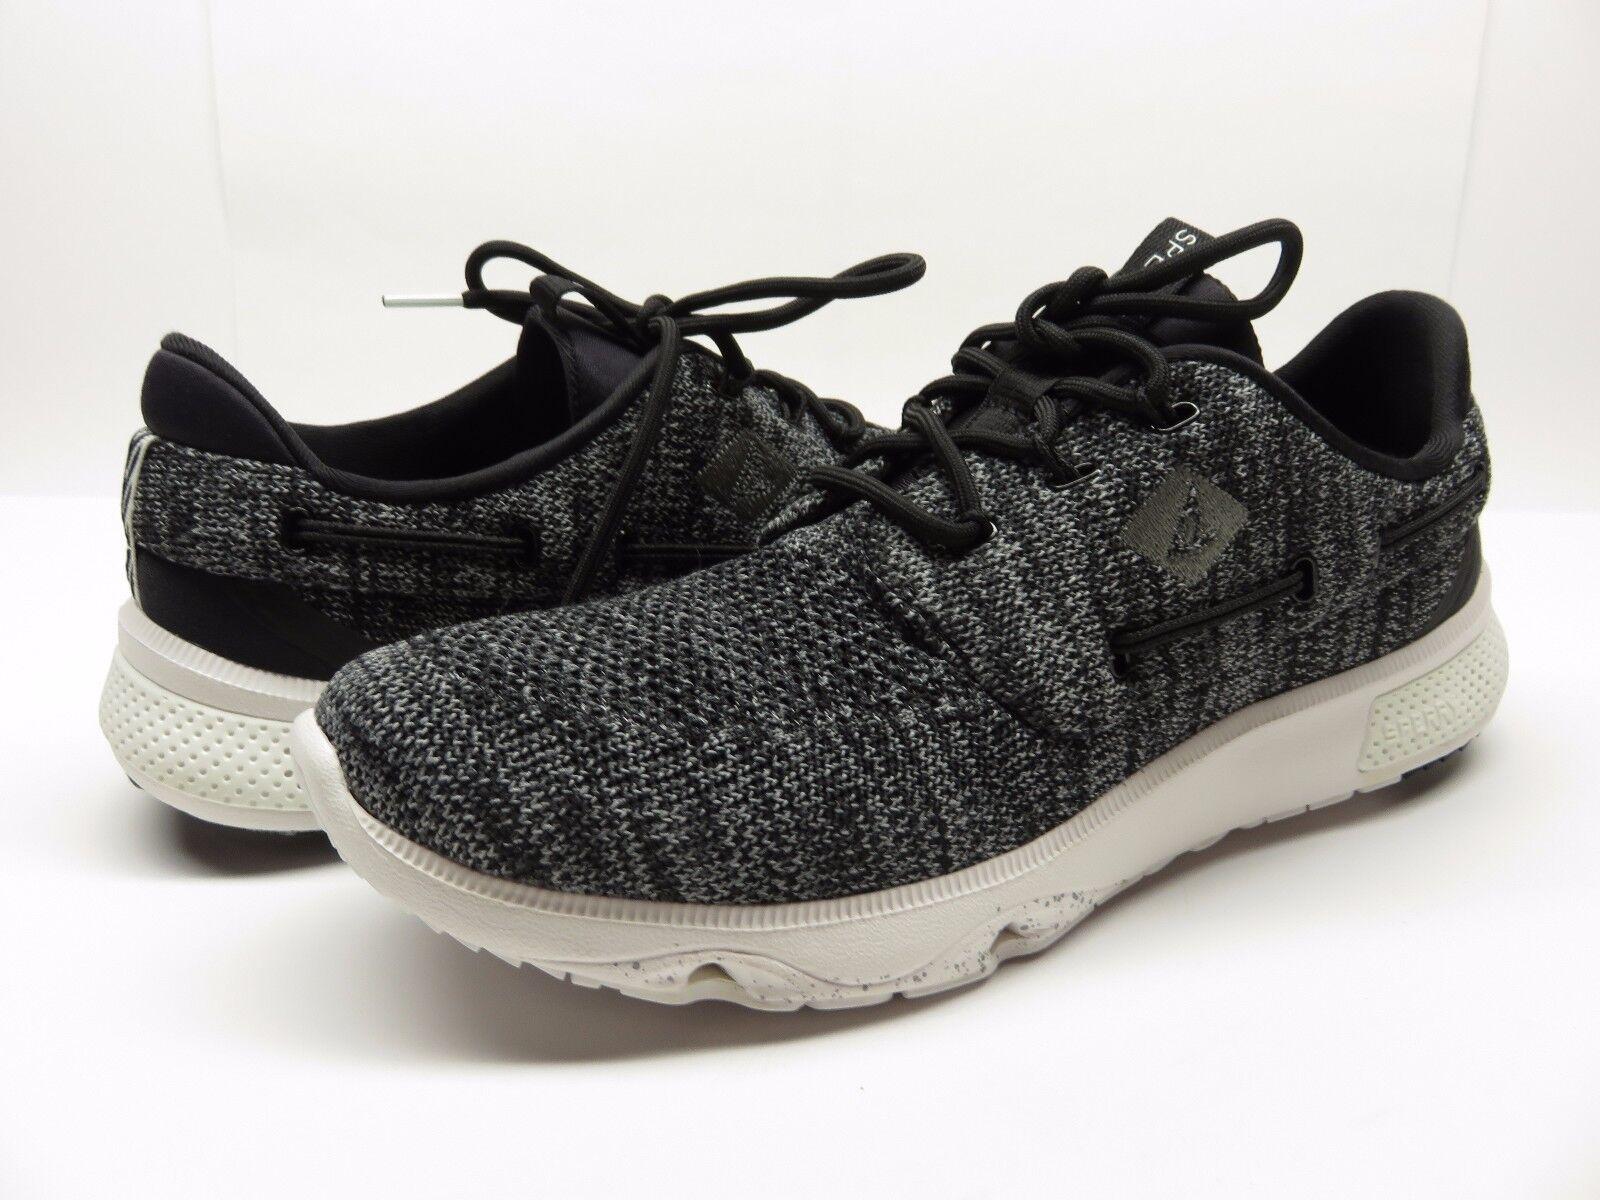 neue stricken sperry top 7 meeren stricken neue schwarze boot schuhe casual sportliche sneaker größe 11 m 2ff071